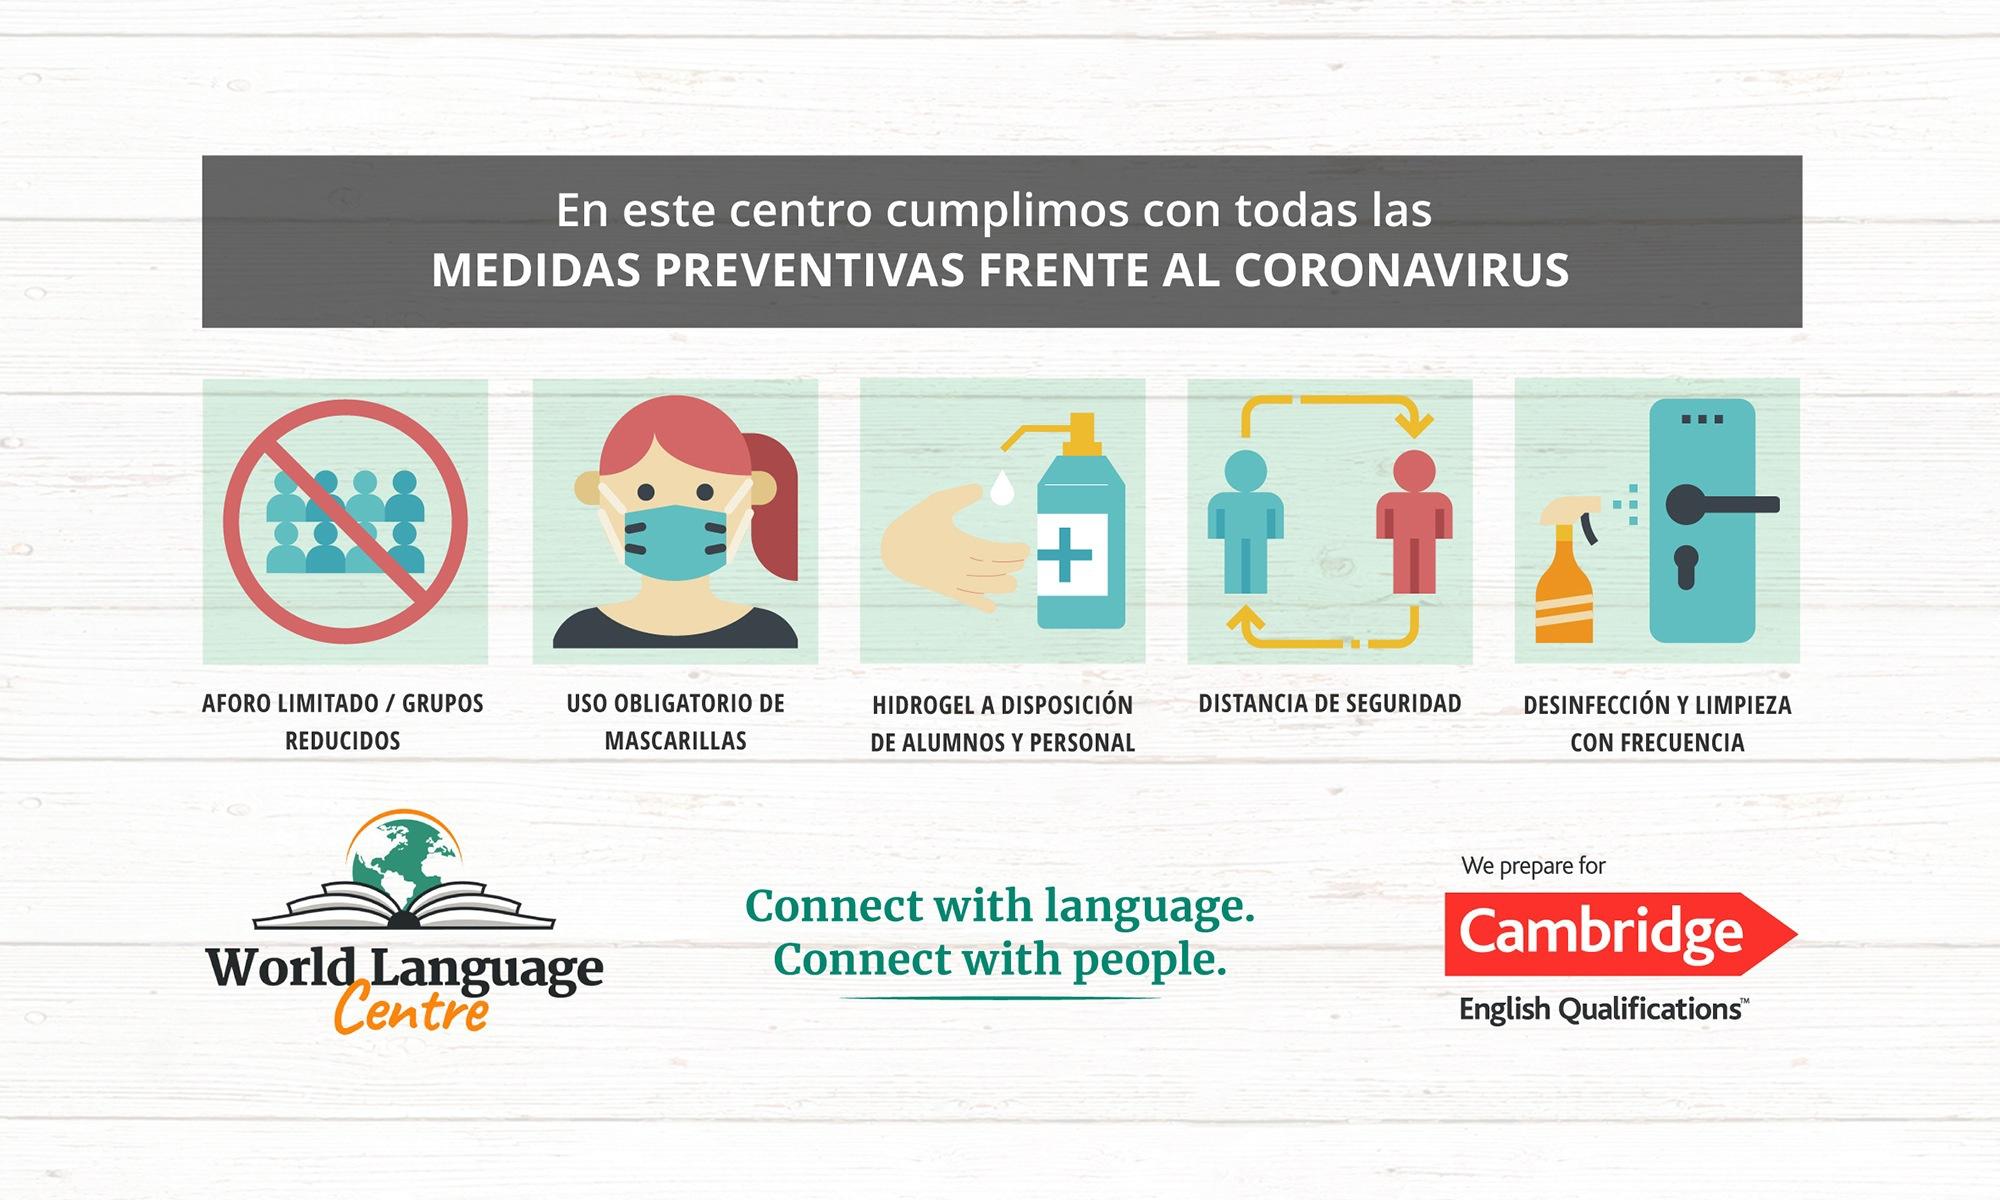 Medidas preventivas frente al coronavirus